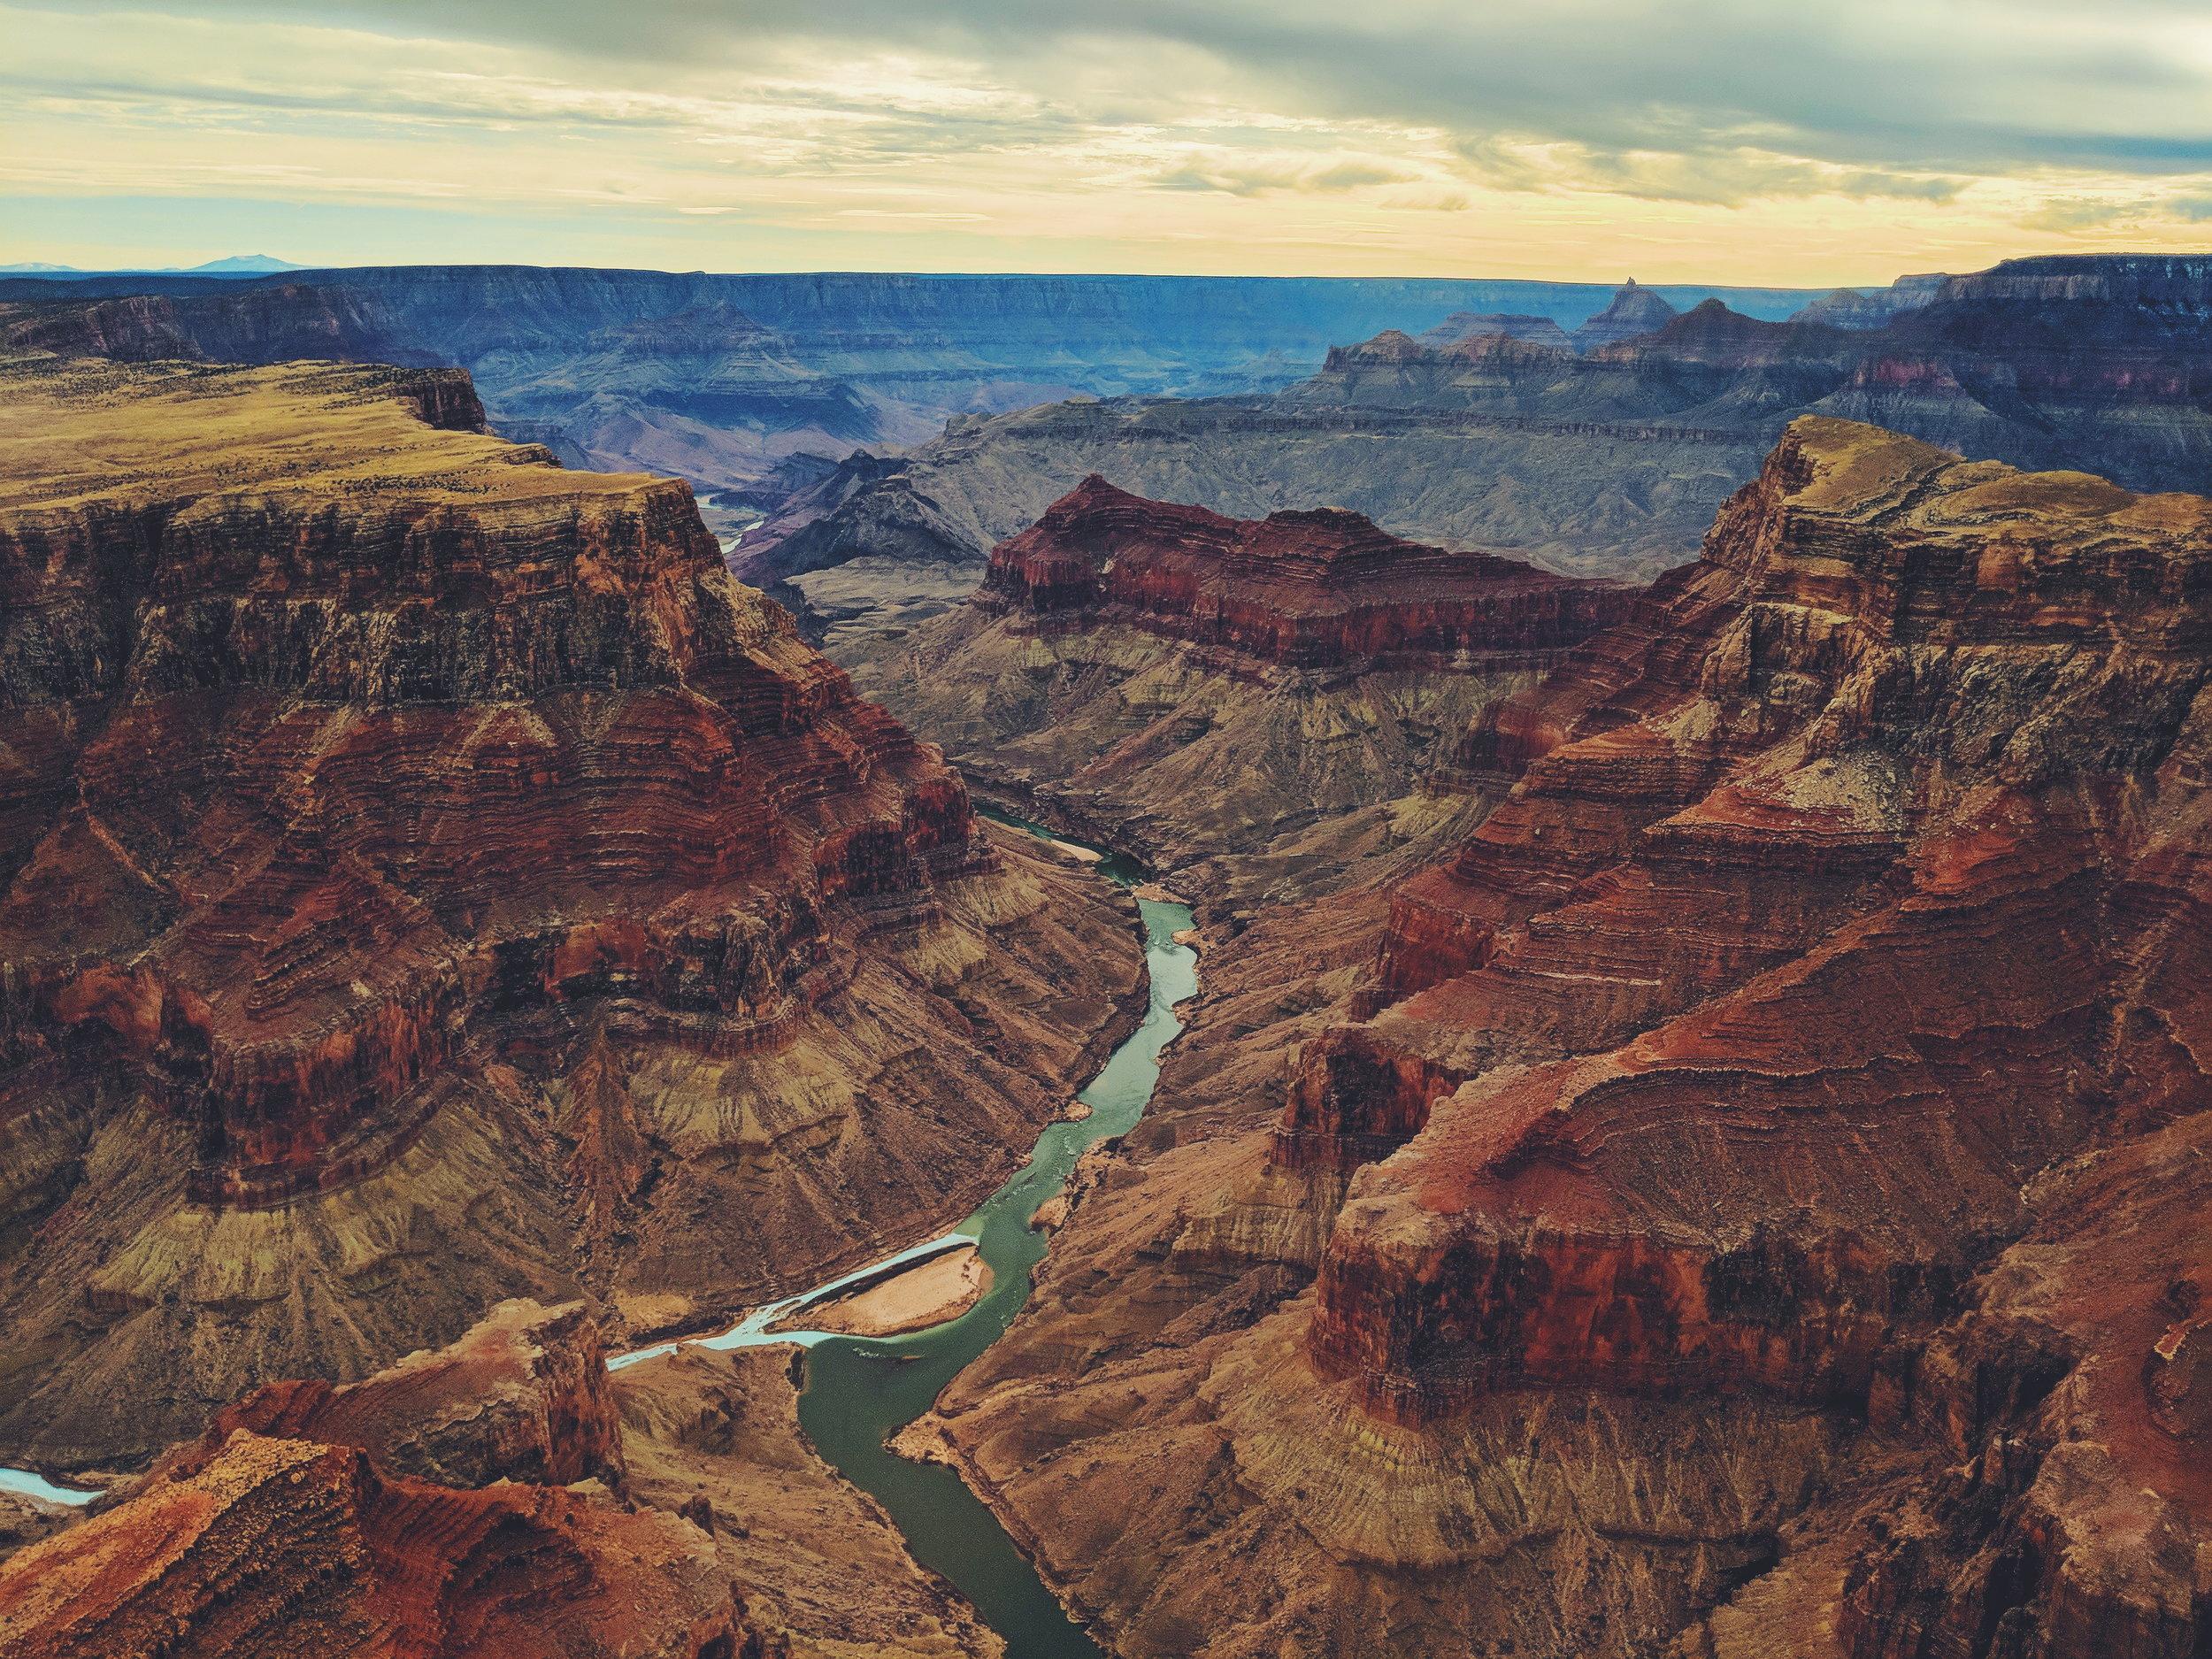 Grand Canyon - El imponente Gran Cañon con su inmenso tamaño y al fondo el Río Colorado.